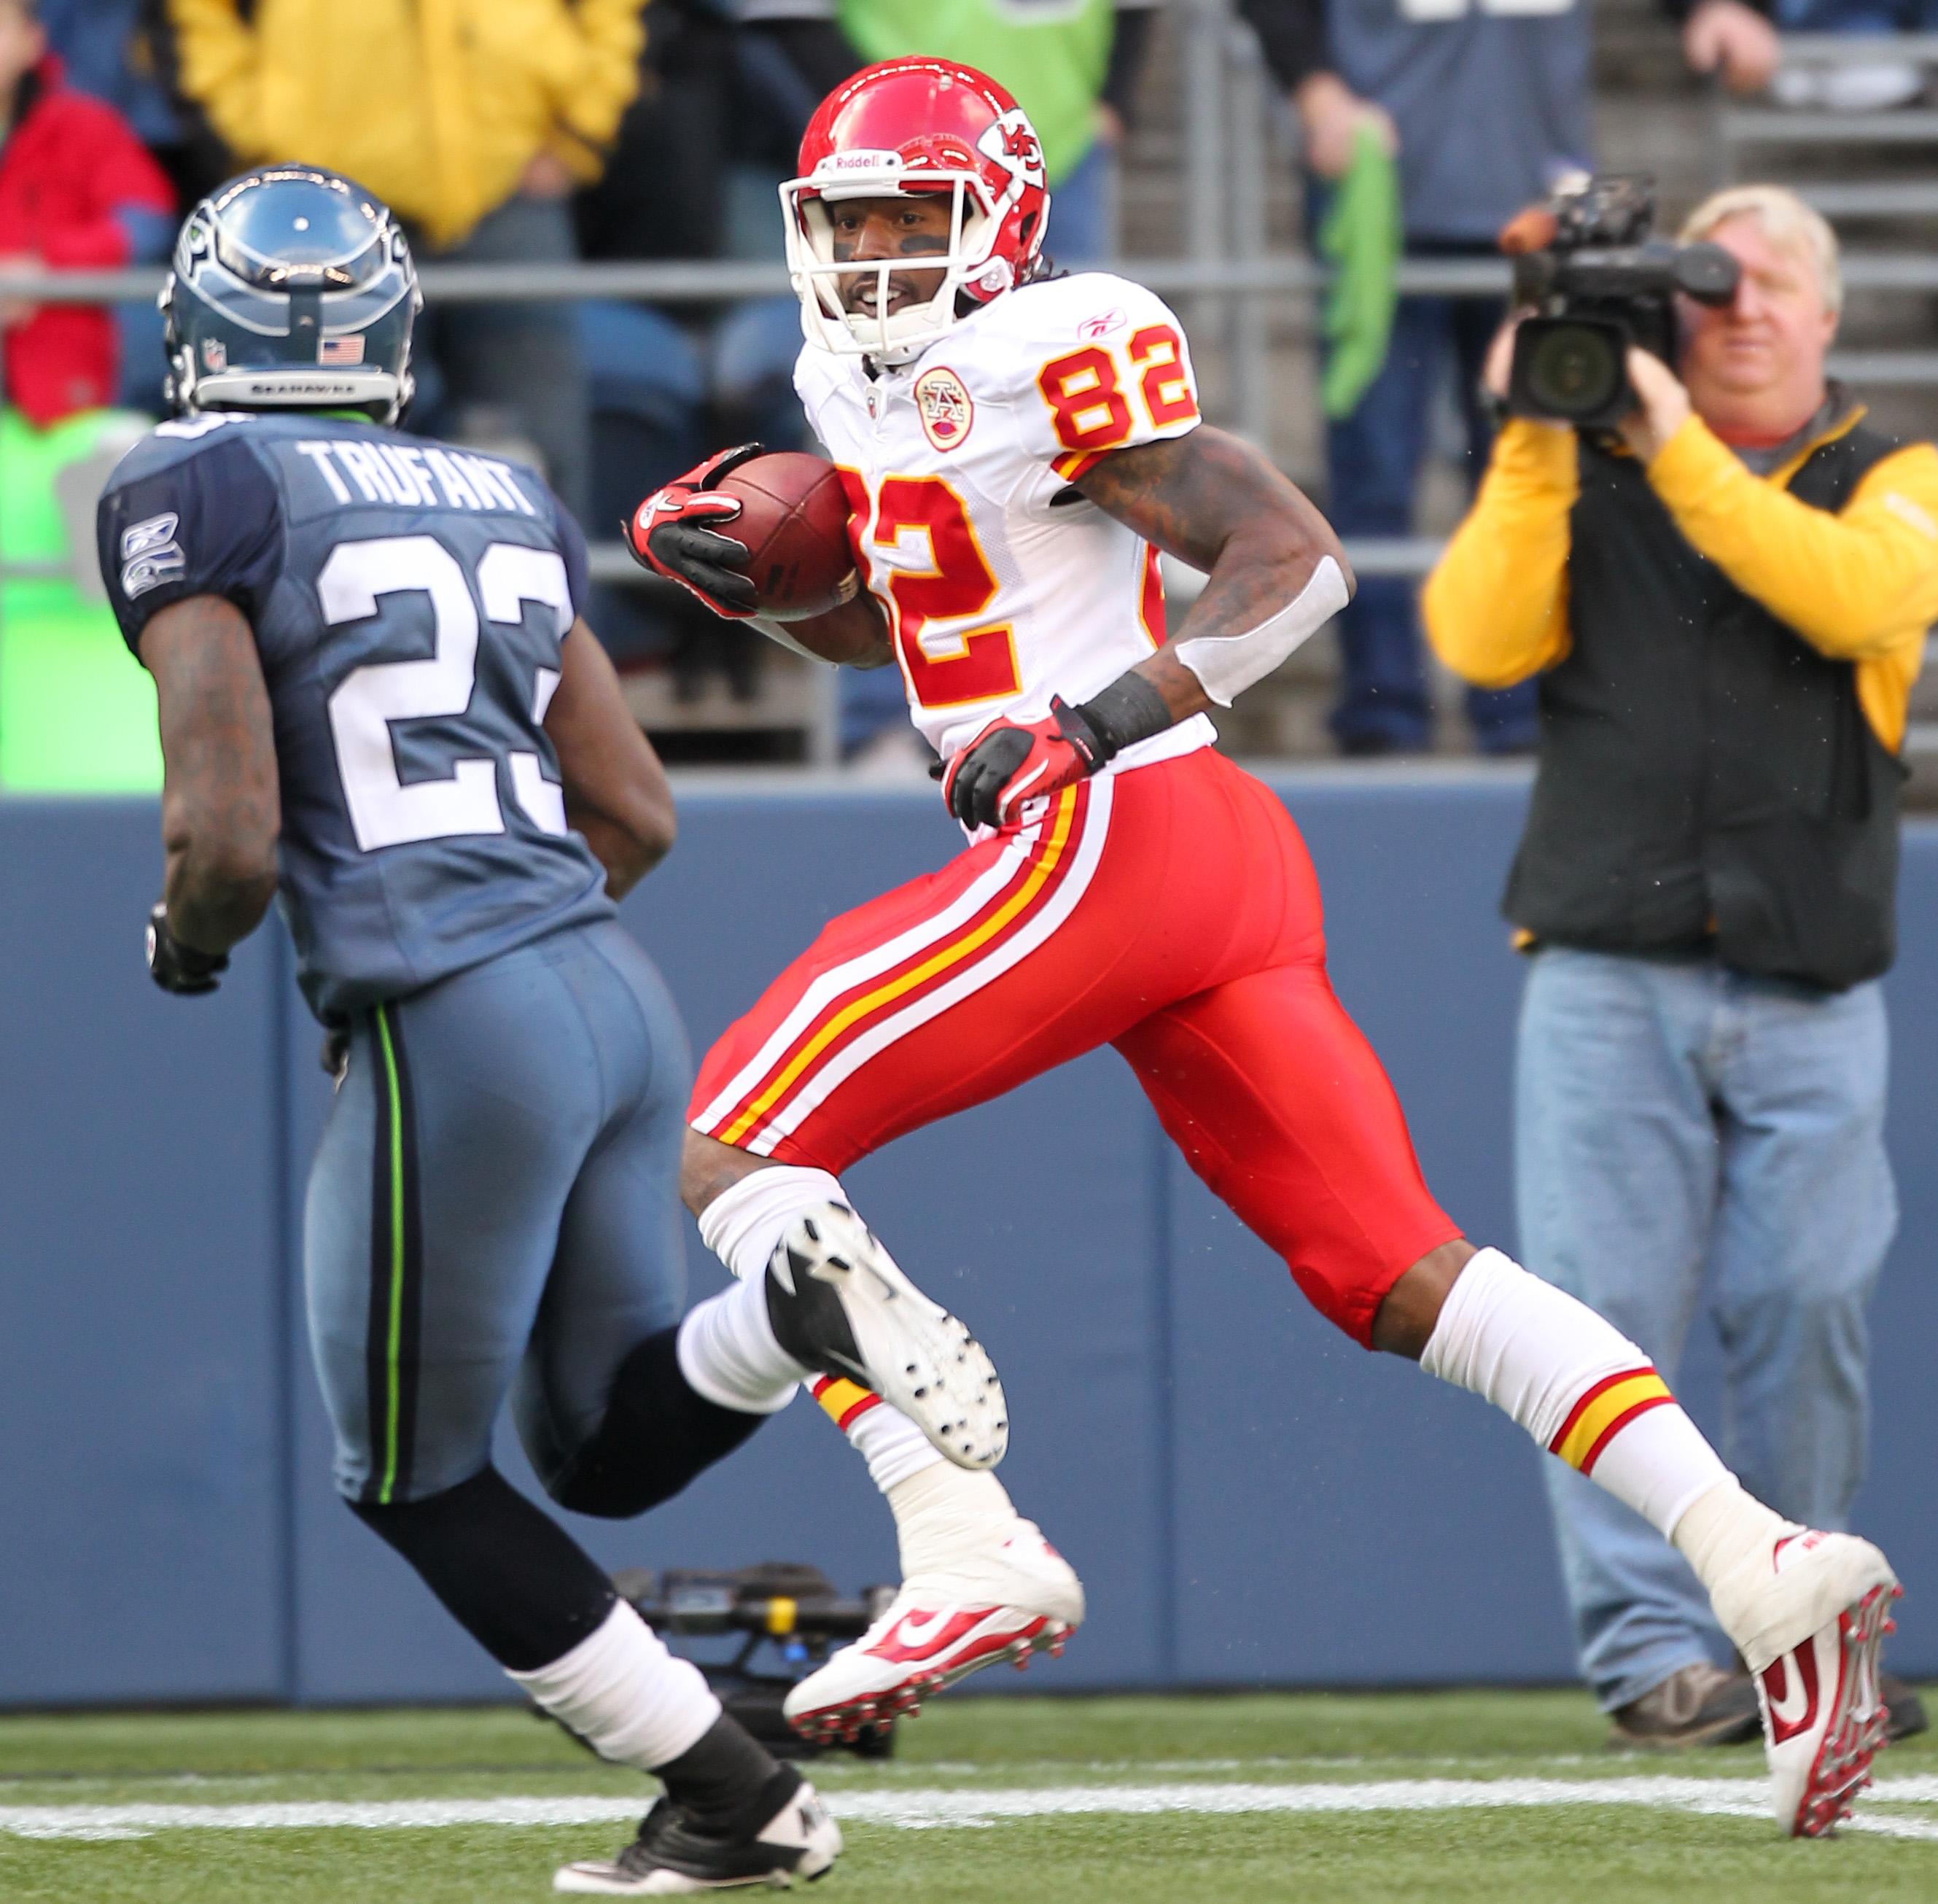 276213ae0 NFL Power Rankings Week 13  Dwayne Bowe Jumps Up WR Rankings